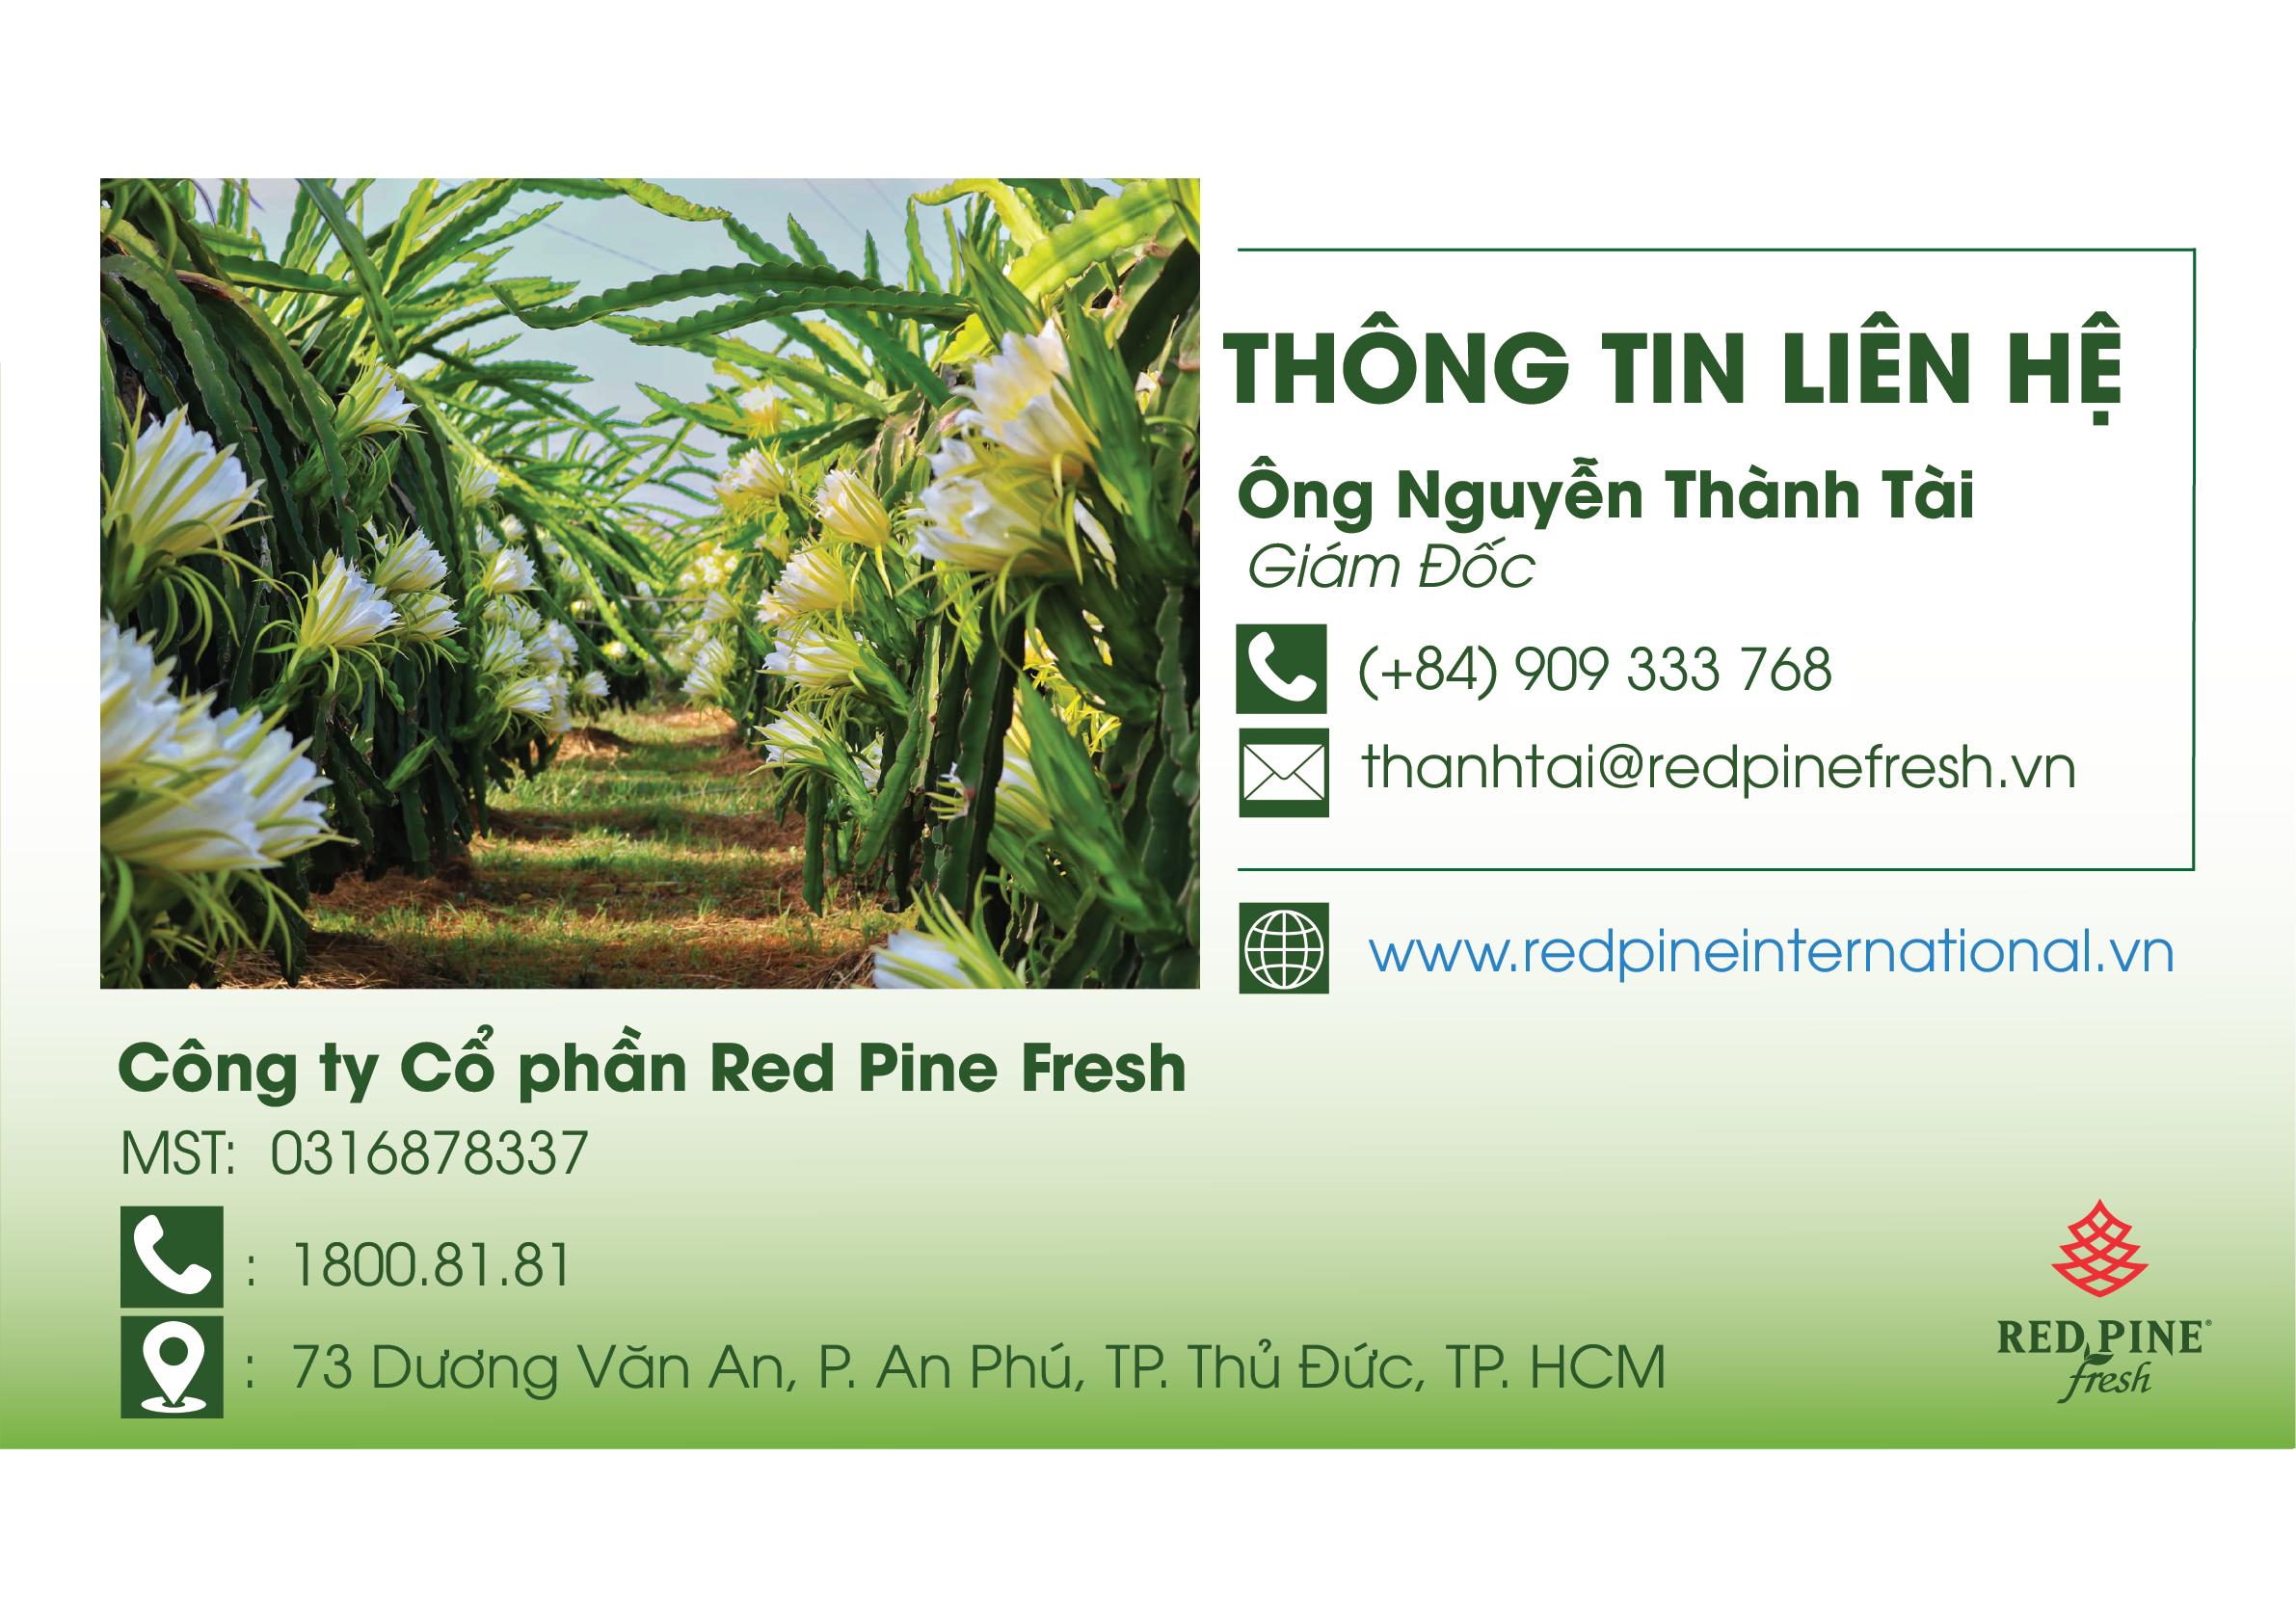 công ty red pine fresh phân phối nông sản